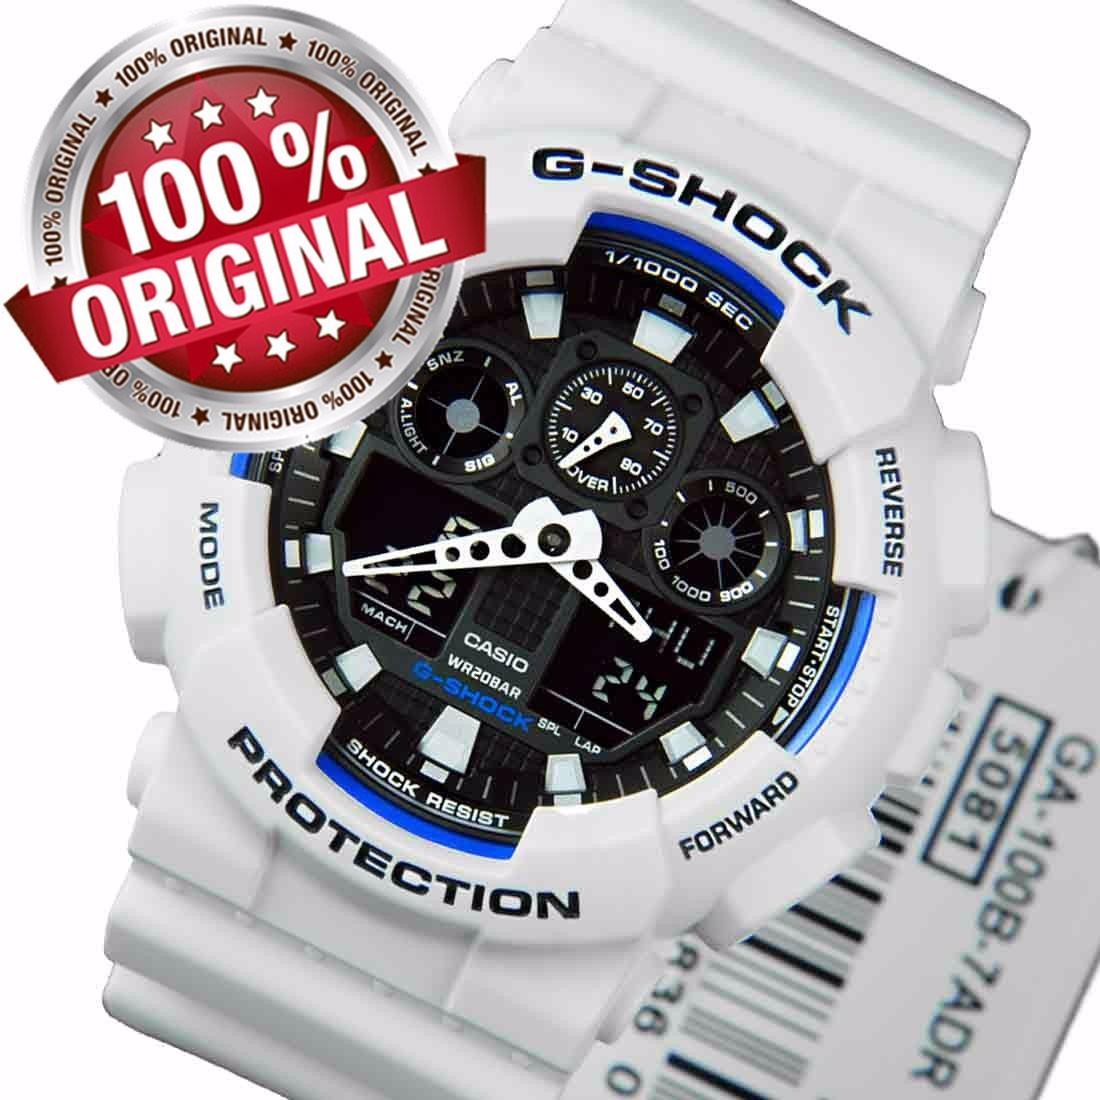 5624771dec4 relógio masculino casio g-shock branco ga-100 b7 promoção. Carregando zoom.